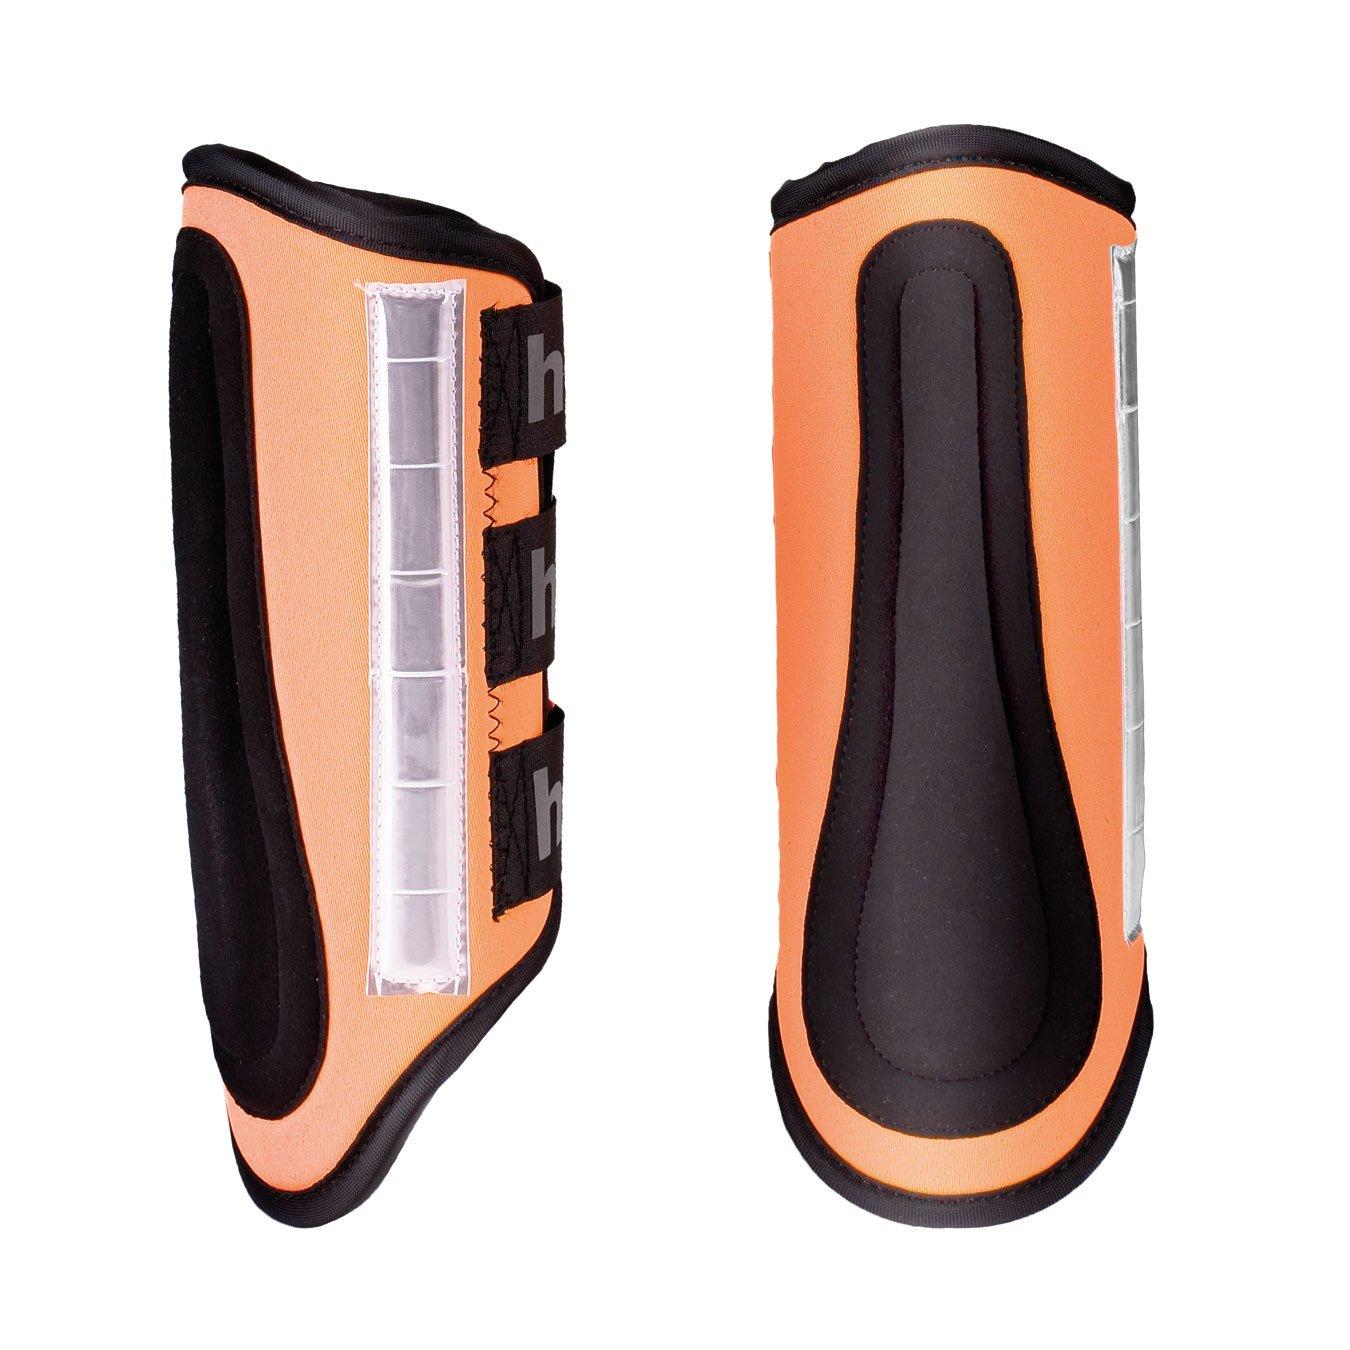 Horze Reflectiveブーツ B007FS6A6I L|オレンジ B007FS6A6I L|オレンジ オレンジ L L, サプライ百貨店:6c2acb28 --- ijpba.info